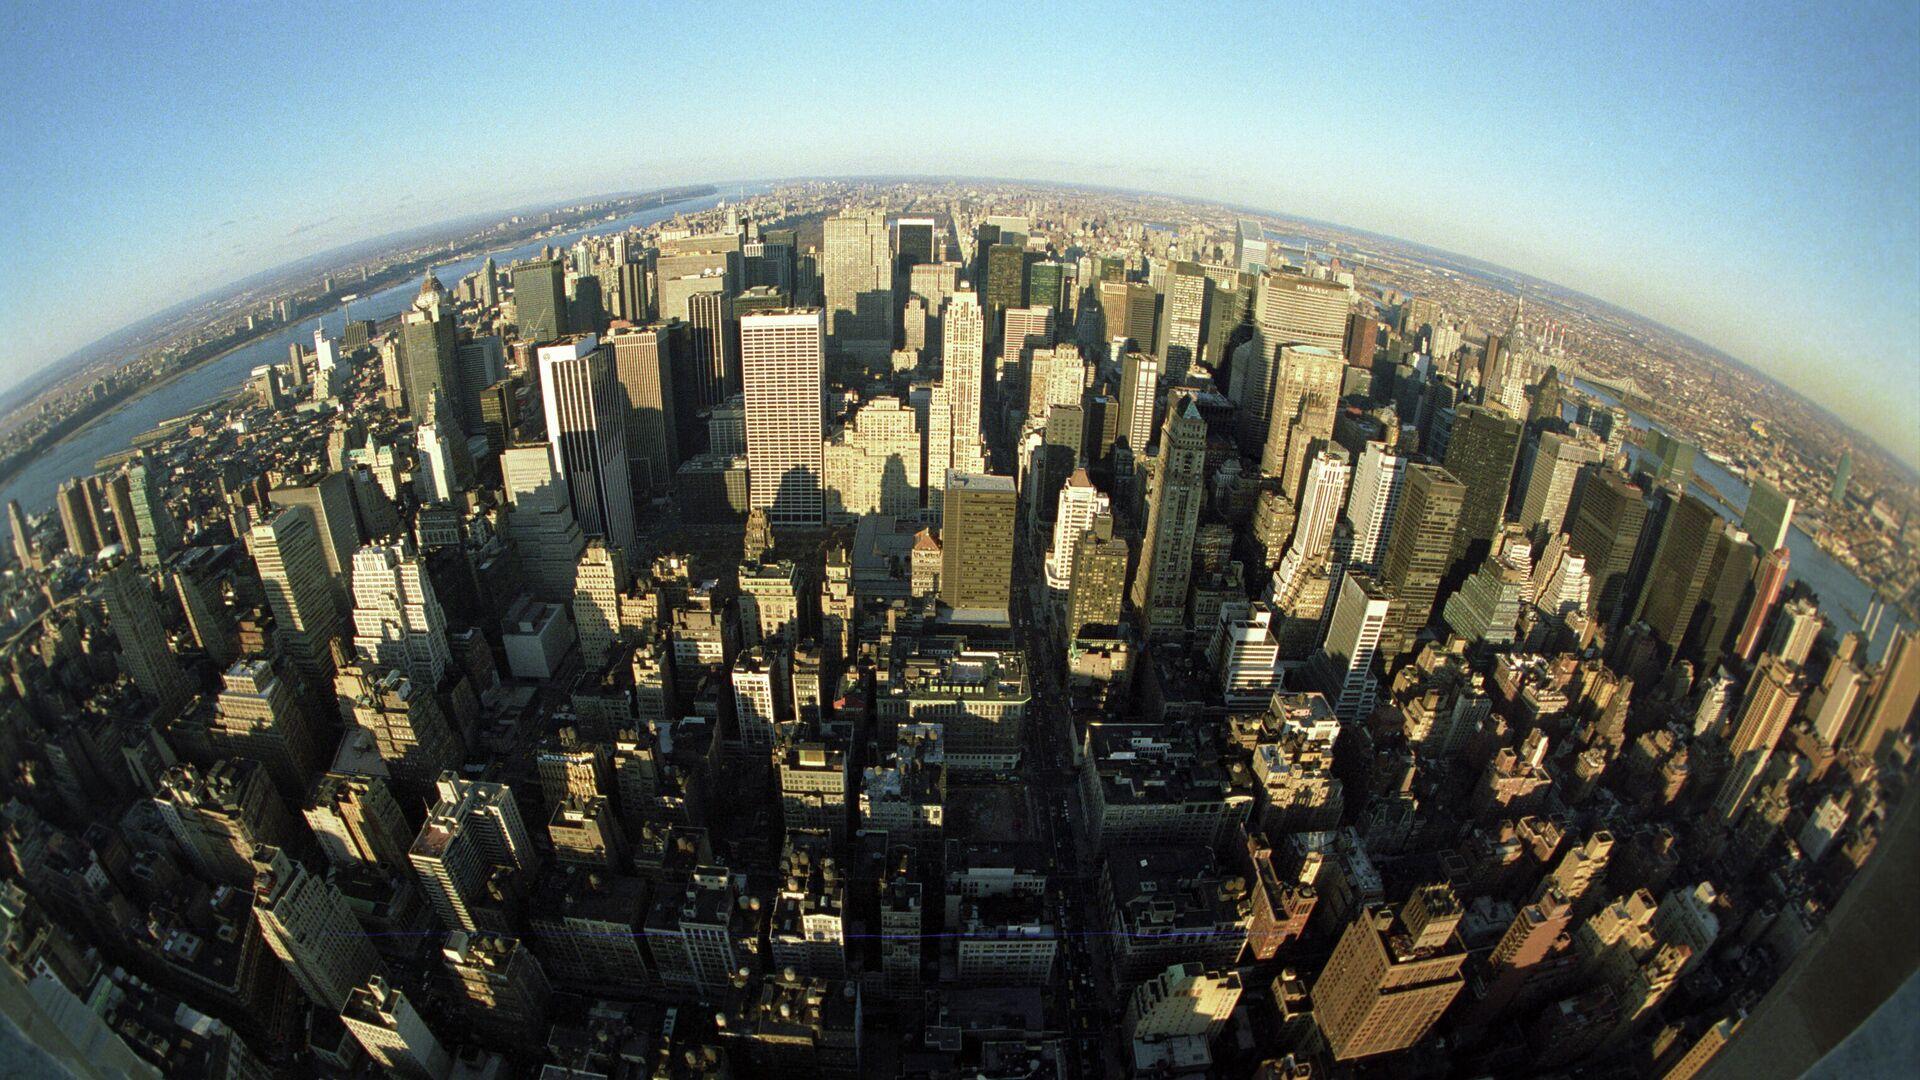 Нью-Йорк, США - городской пейзаж, панорама - Sputnik Грузия, 1920, 20.09.2021